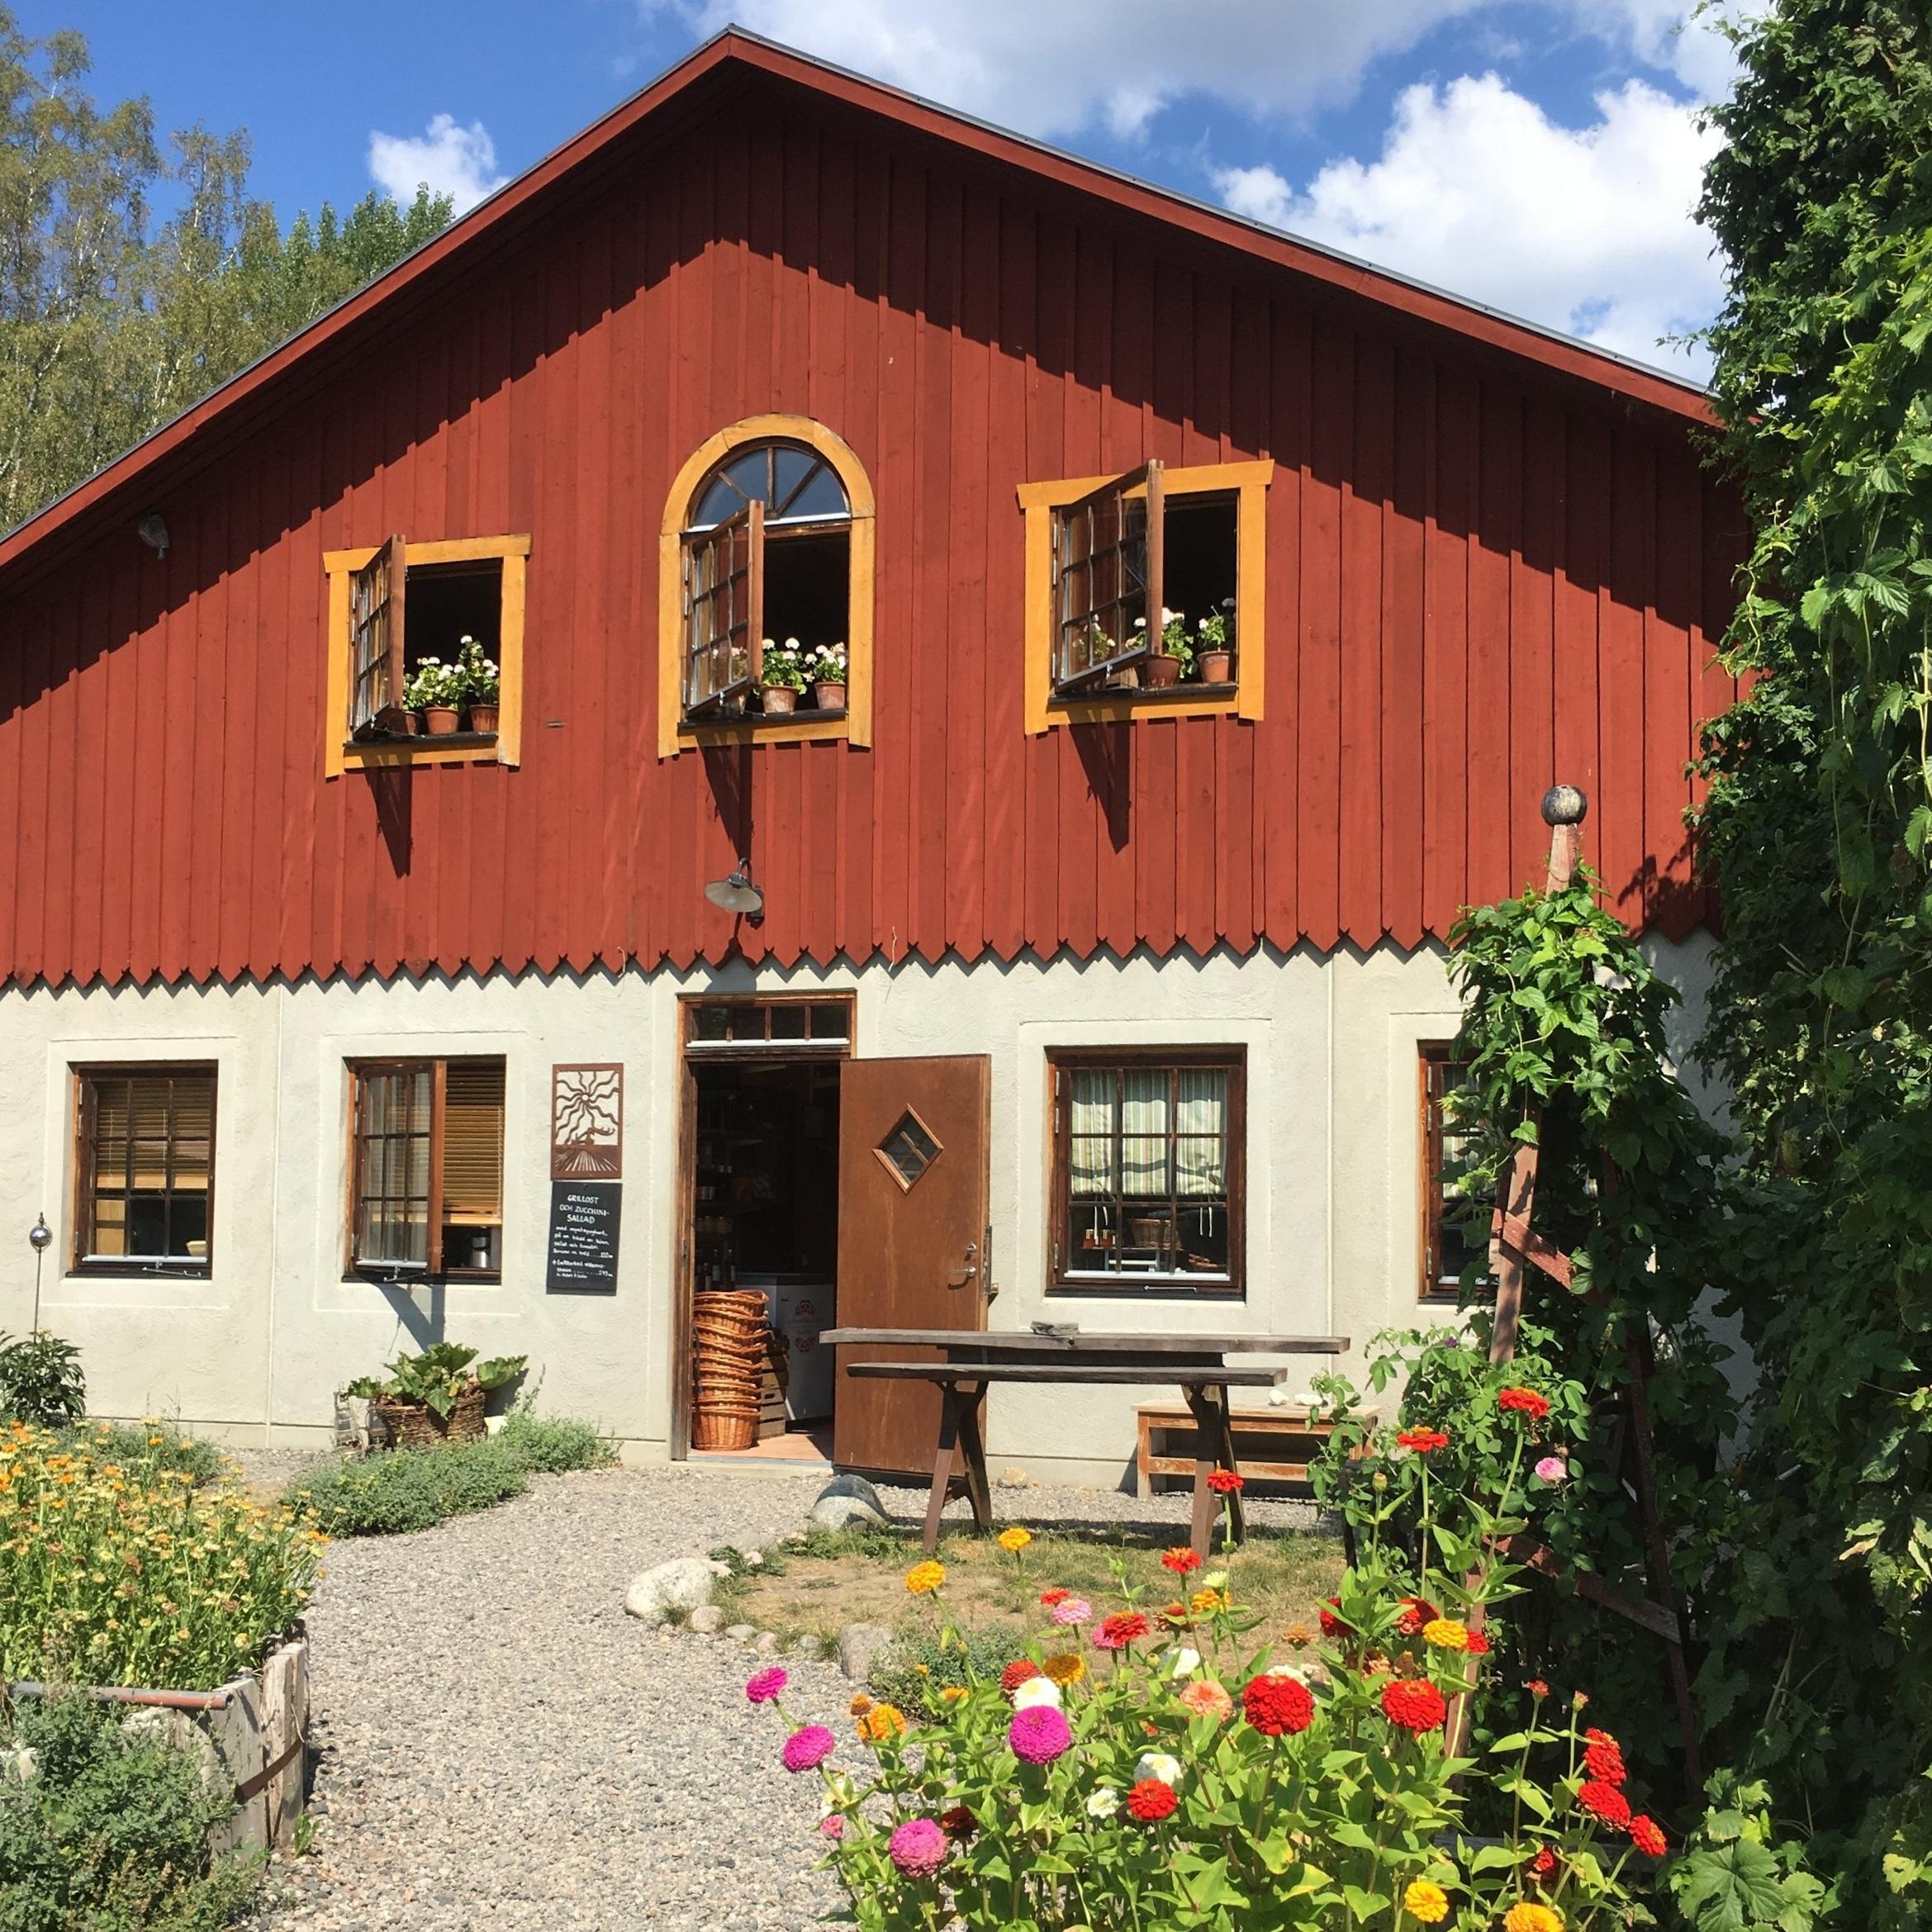 ANNAT - ÄNDEBOLS GÅRDÄndebols gård är ett litet lantbruk 2 mil utanför Katrineholm. Här ett växthus där vi odlar tomater och gurka, samt en gårdsbutik med närproducerade och ekologiska produkter. Vi som driver denna gård vill bevara ett litet lantbruk och driva det ekologiskt och småskaligt, på ett sätt som inbjuder till besök och till reflektion över hur maten kommer till.Inskickat av: Visit Katrineholm